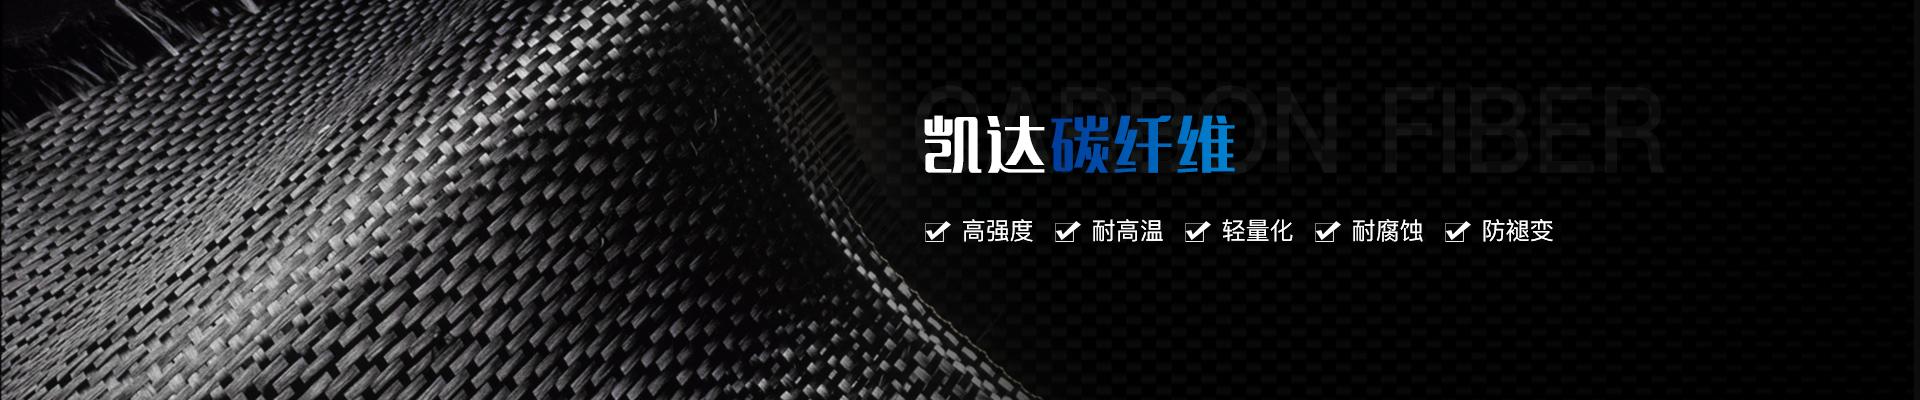 凯达碳纤维-高强度,轻质化,耐高温,耐腐蚀